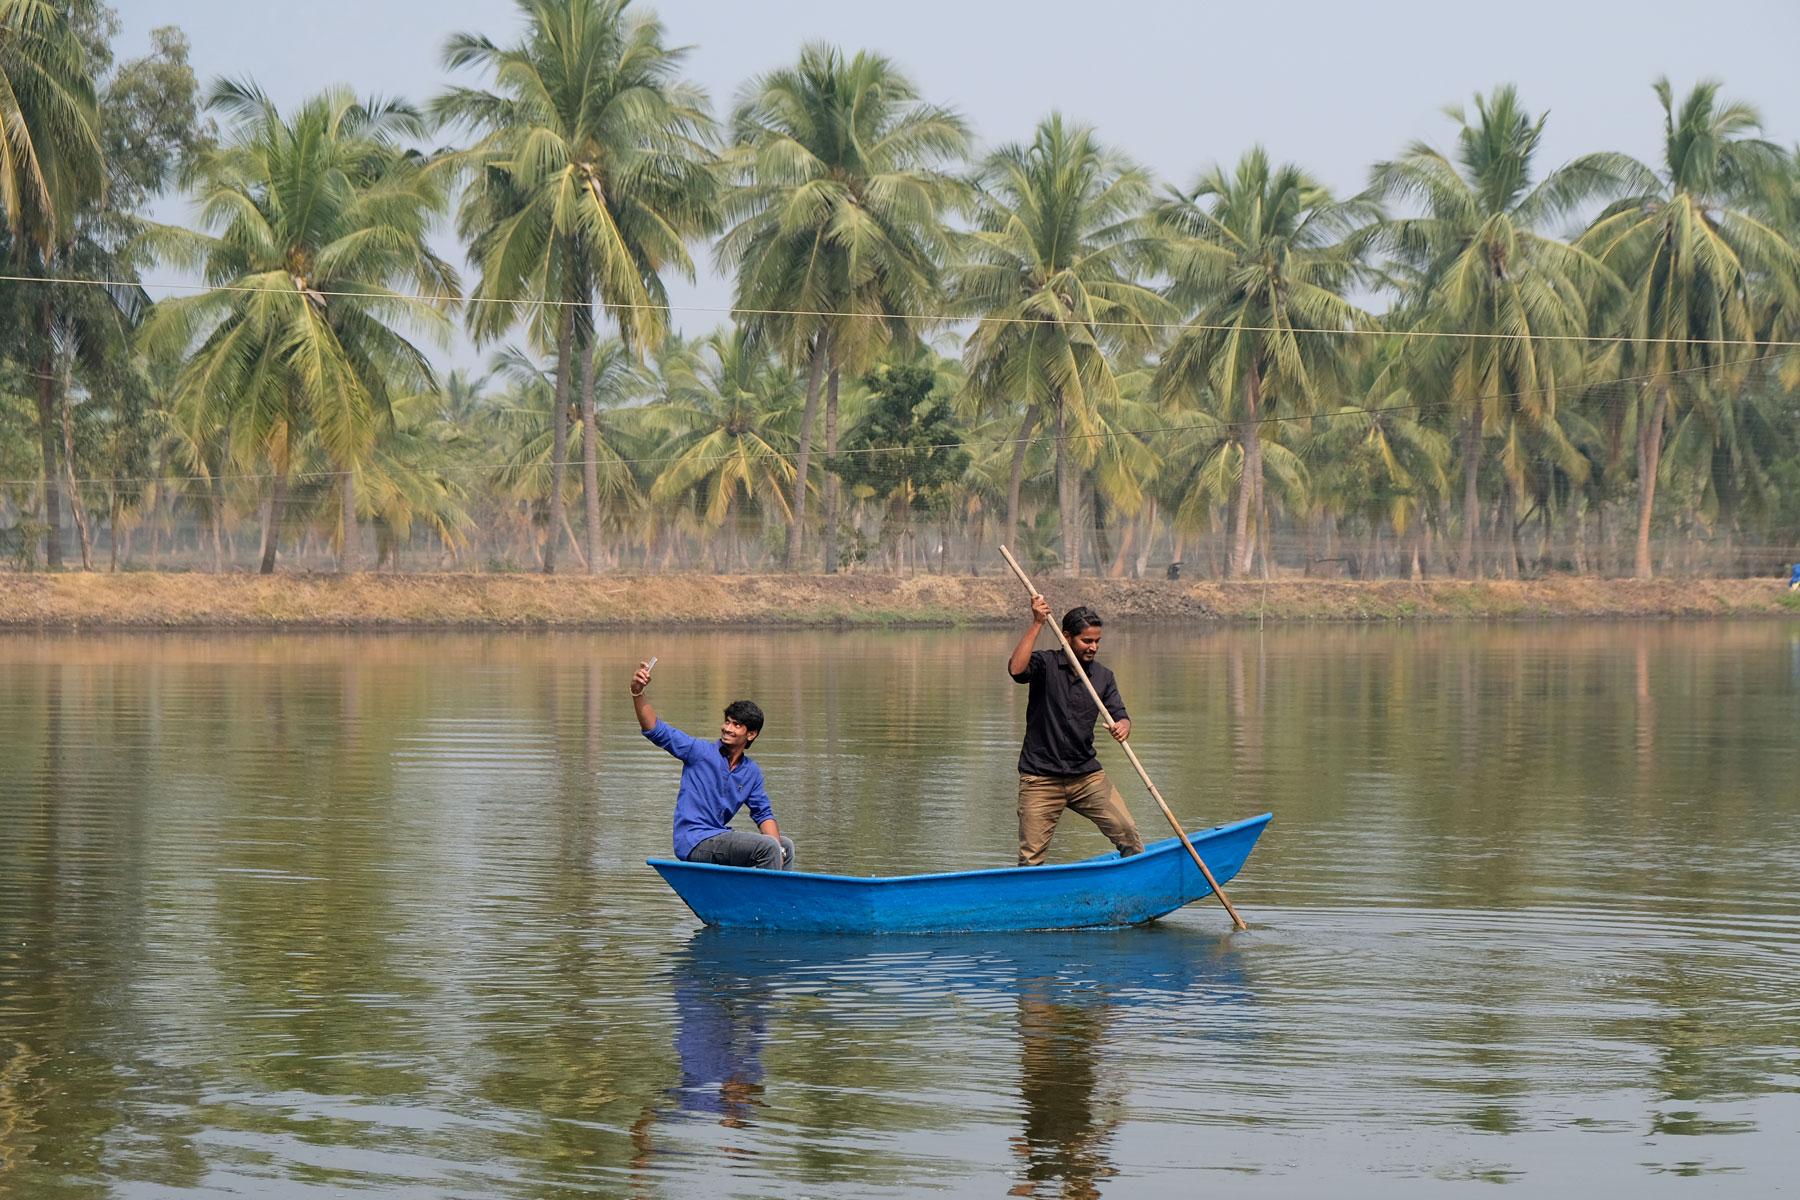 Zwei indische Männer in einem kleinen Boot auf einem See.